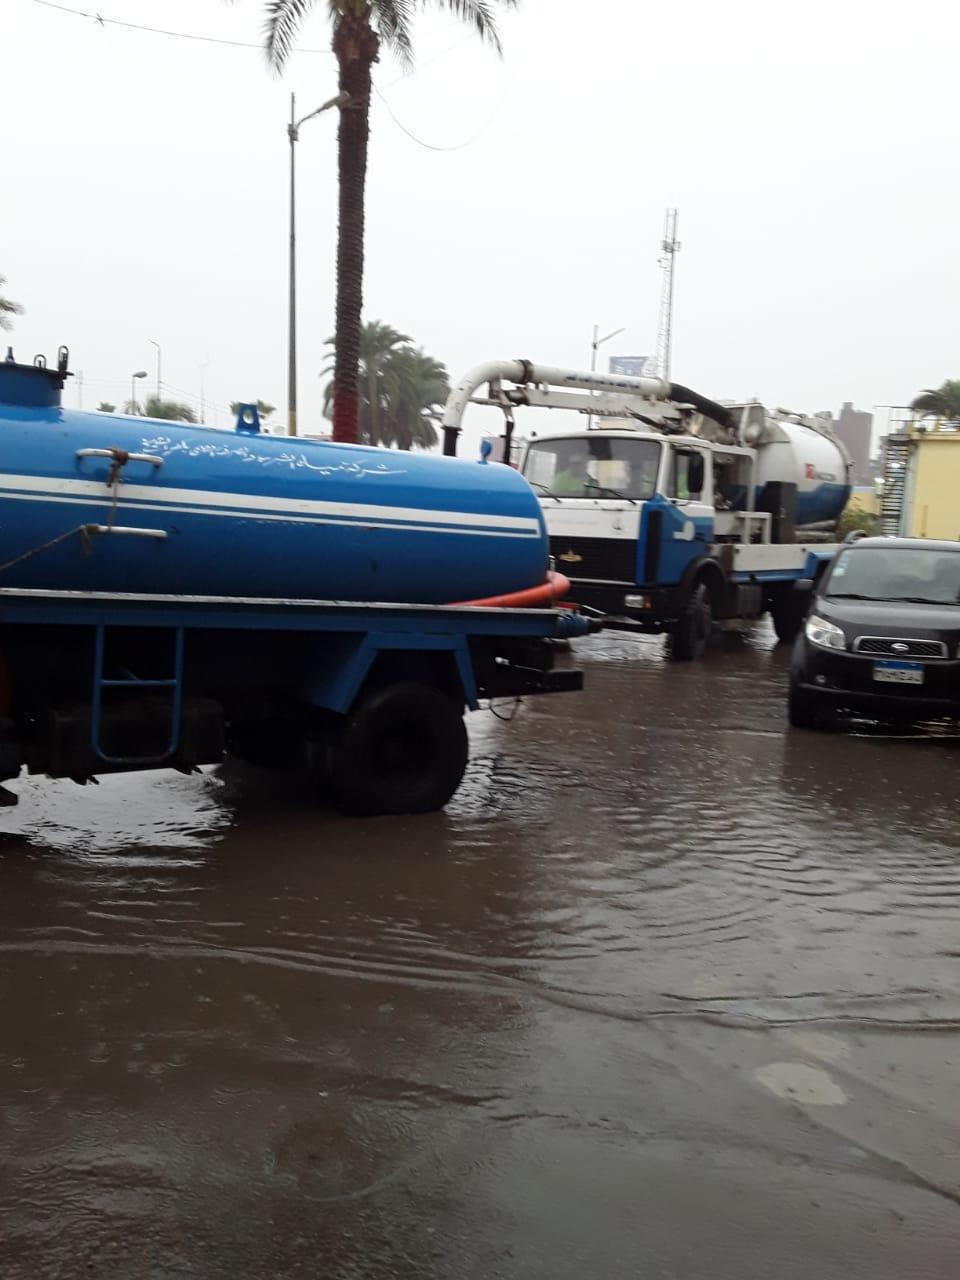 سيارات إضافية لسرعة شفط مياه الأمطار بكفر الشيخ والإسكندرية (5)